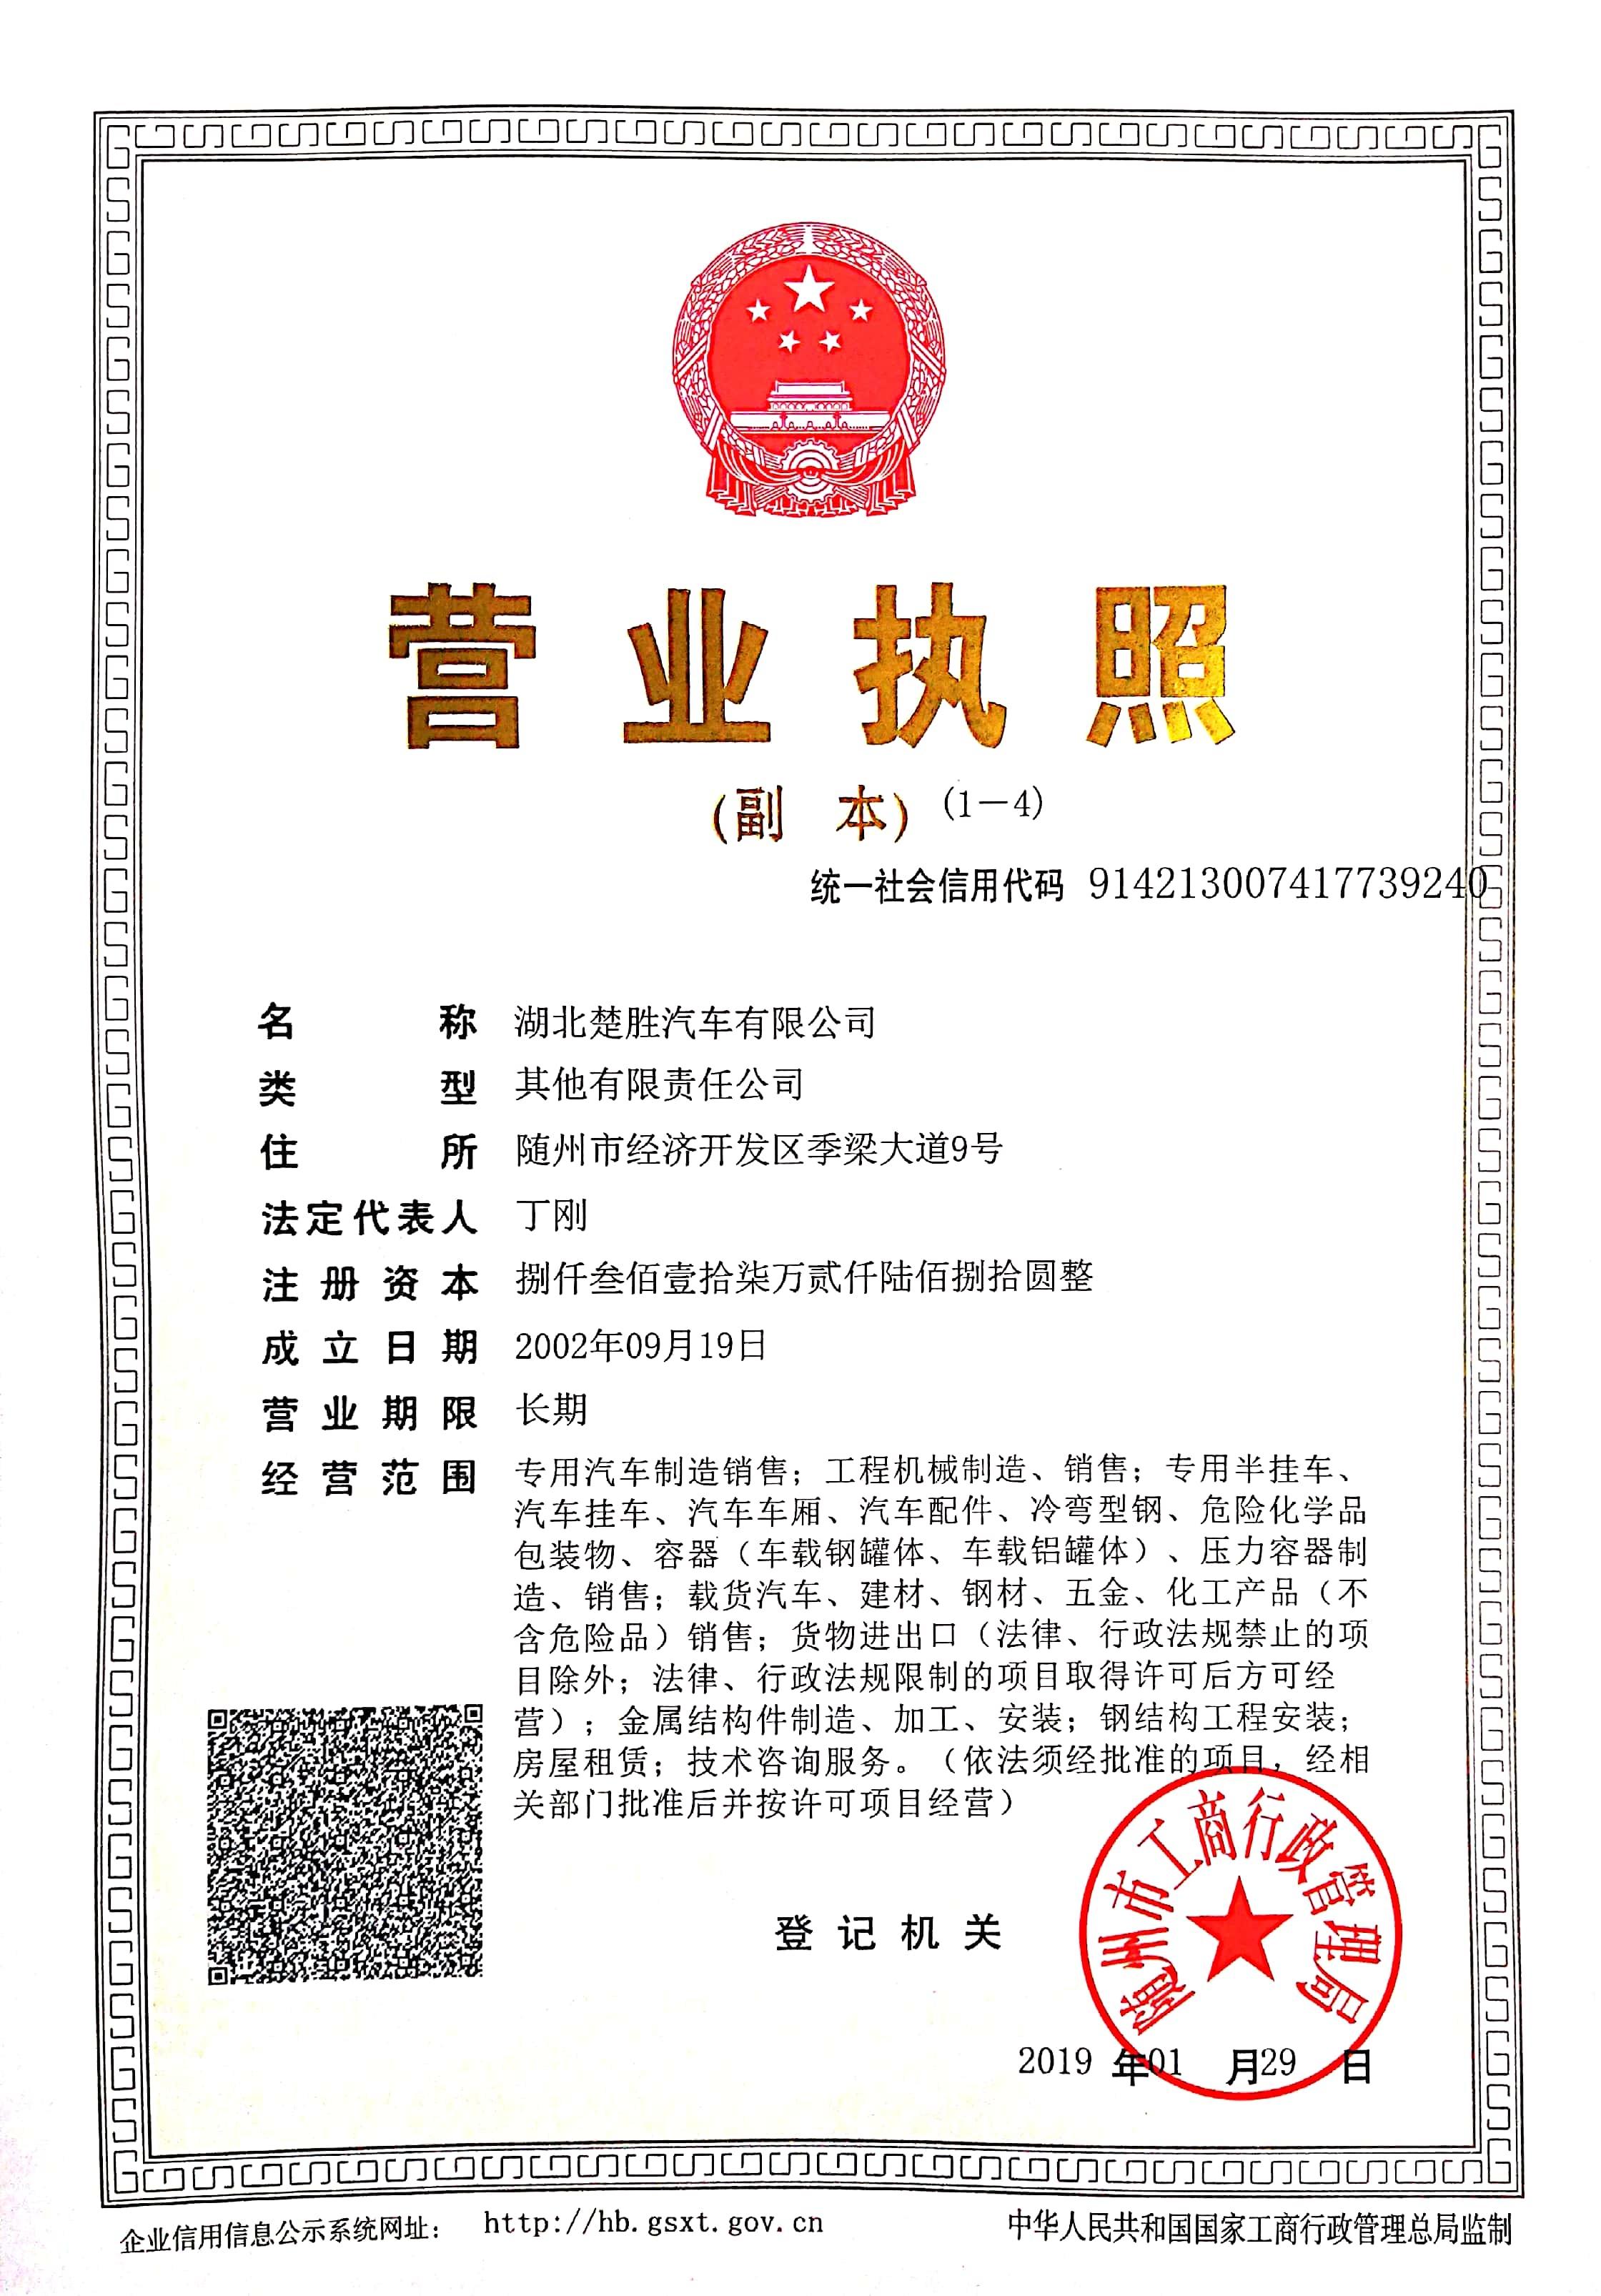 厦工楚胜(湖北)专用汽车制造有限公司变更扩展产品